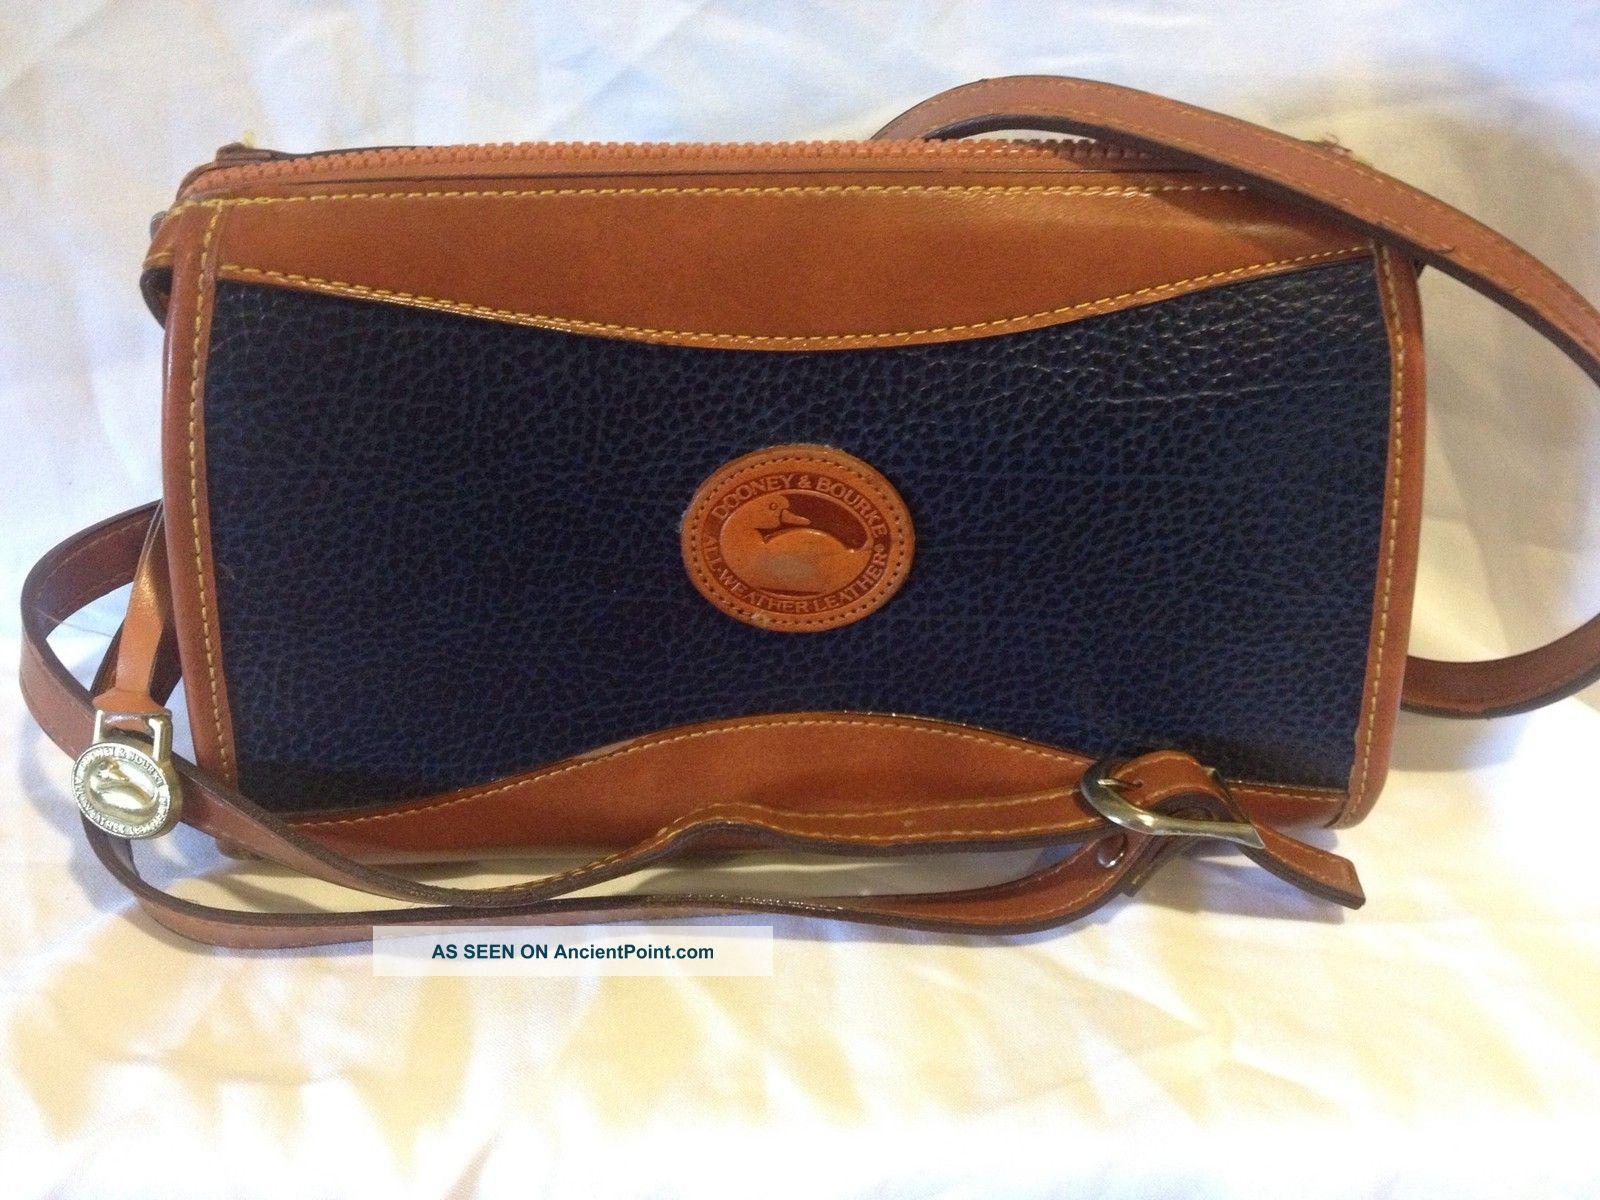 Vintage Dooney Bourke Handbag